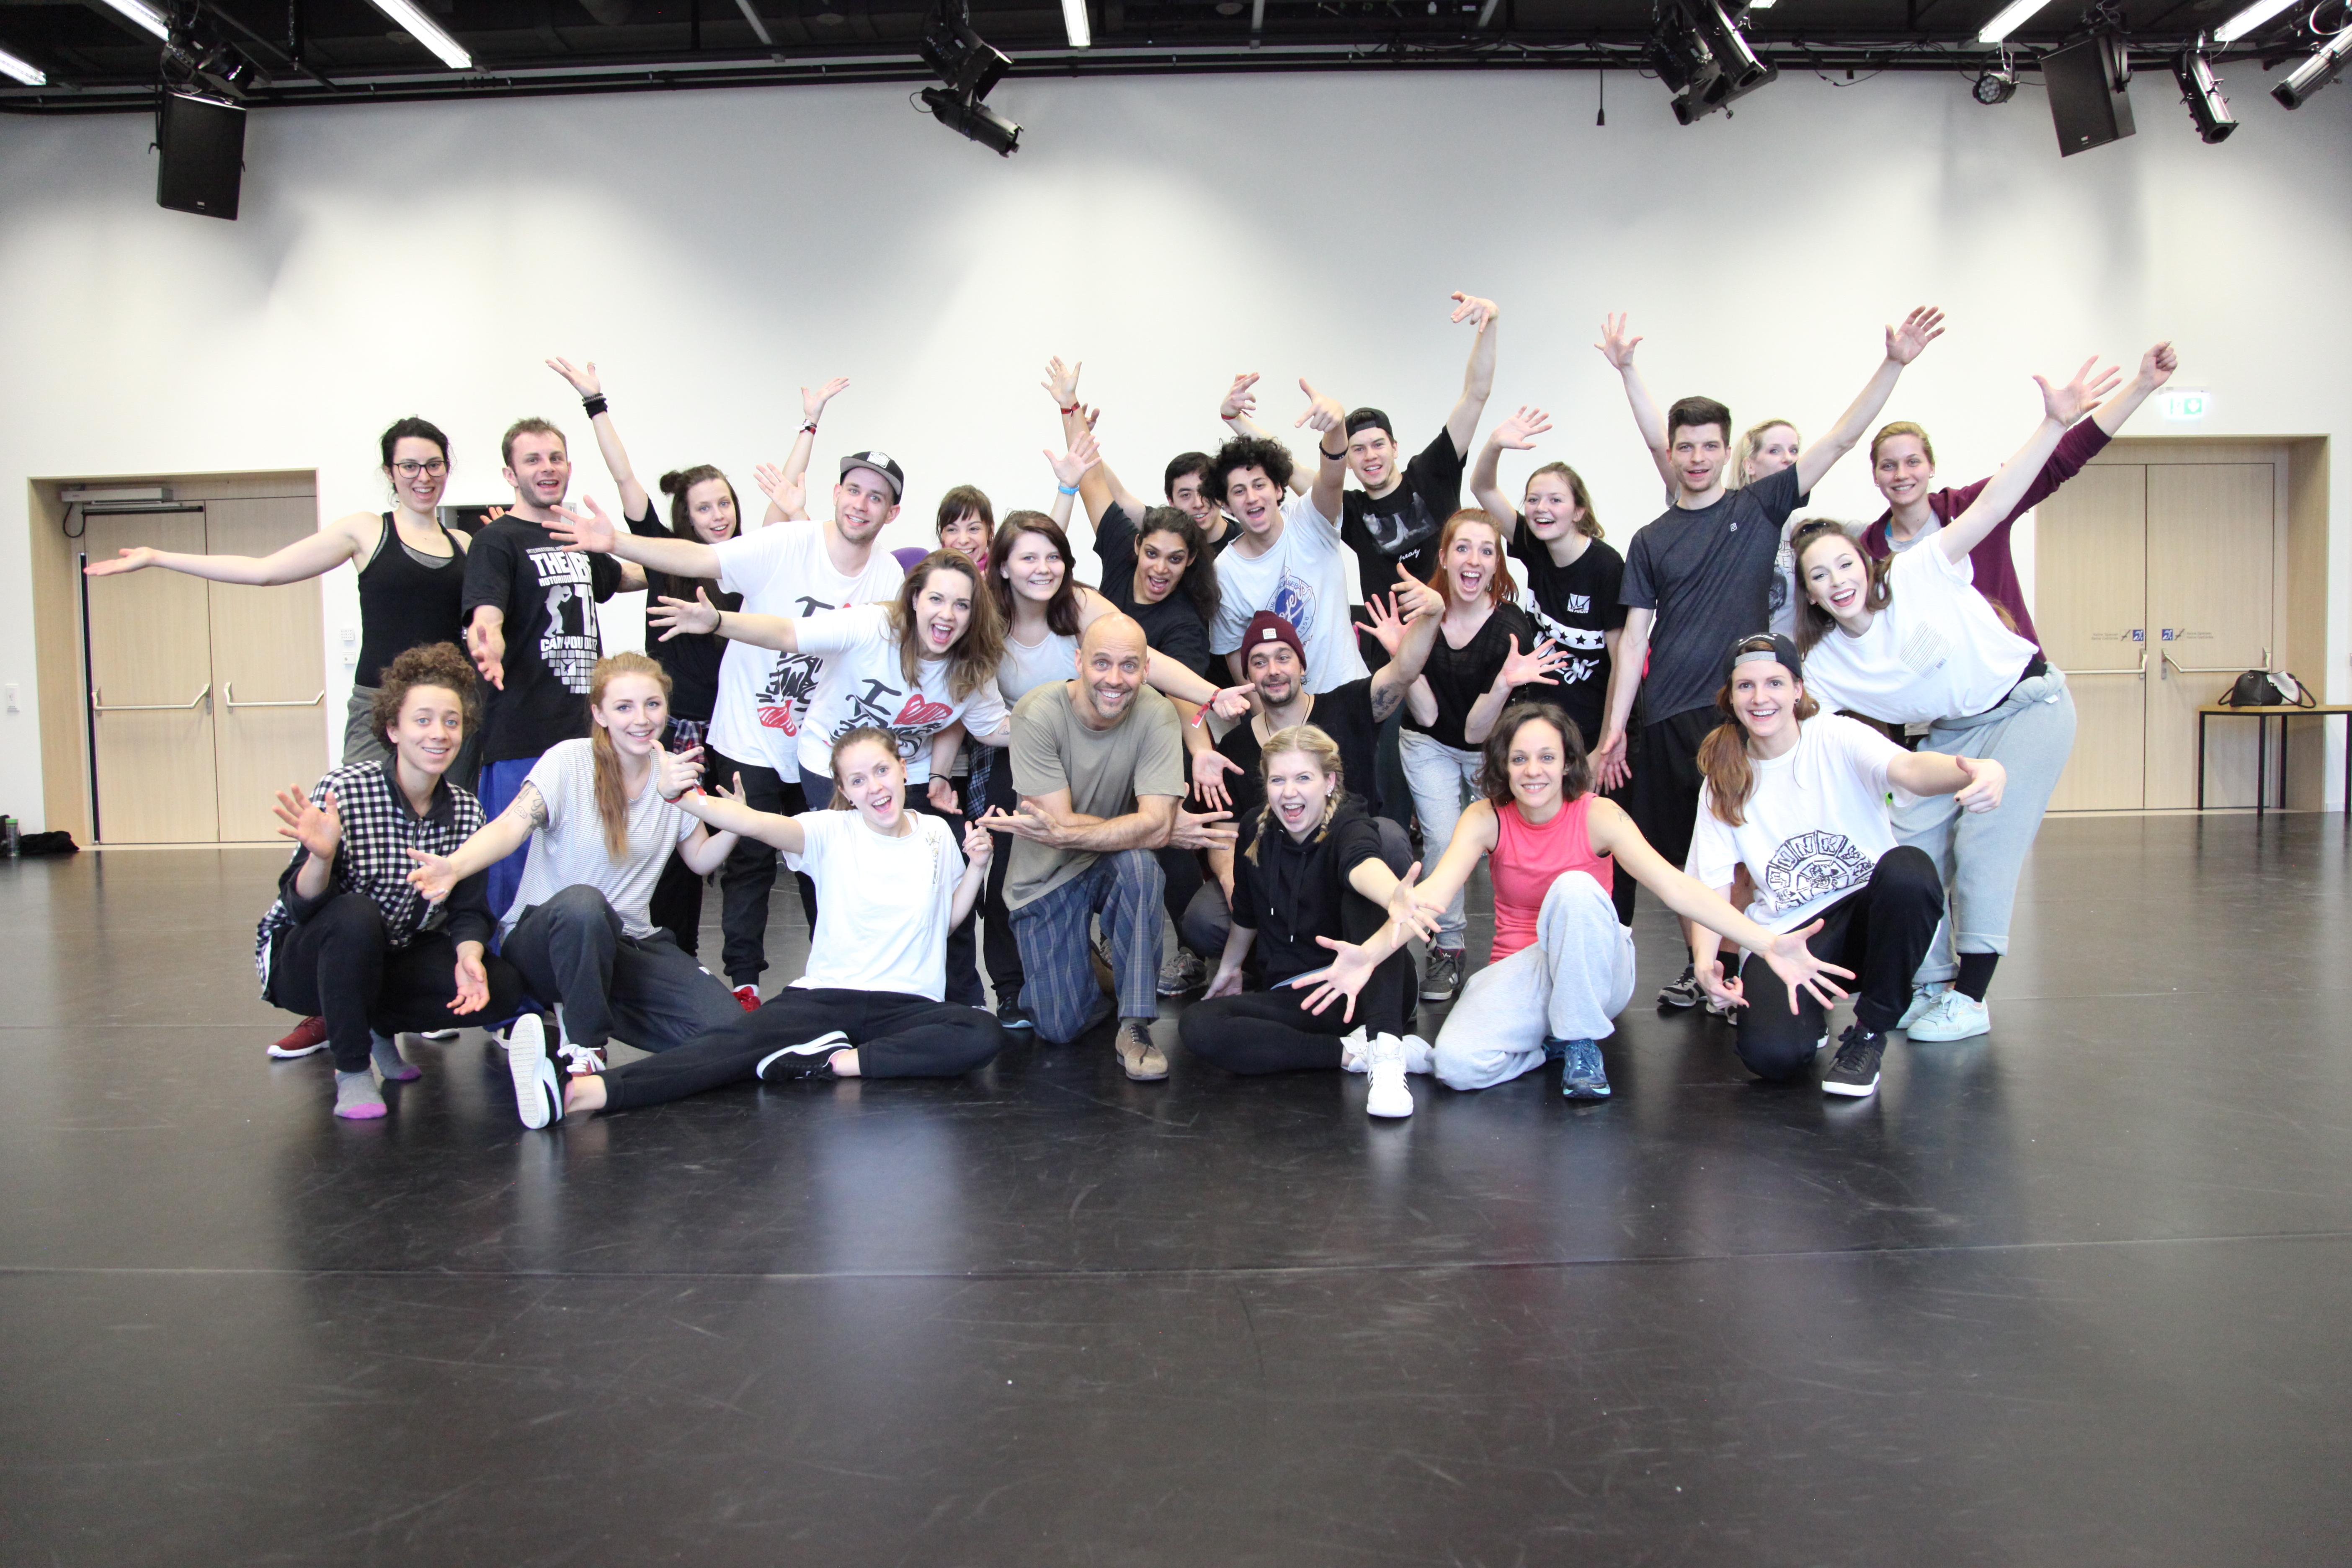 Lehrgang für Urban Dance Styles